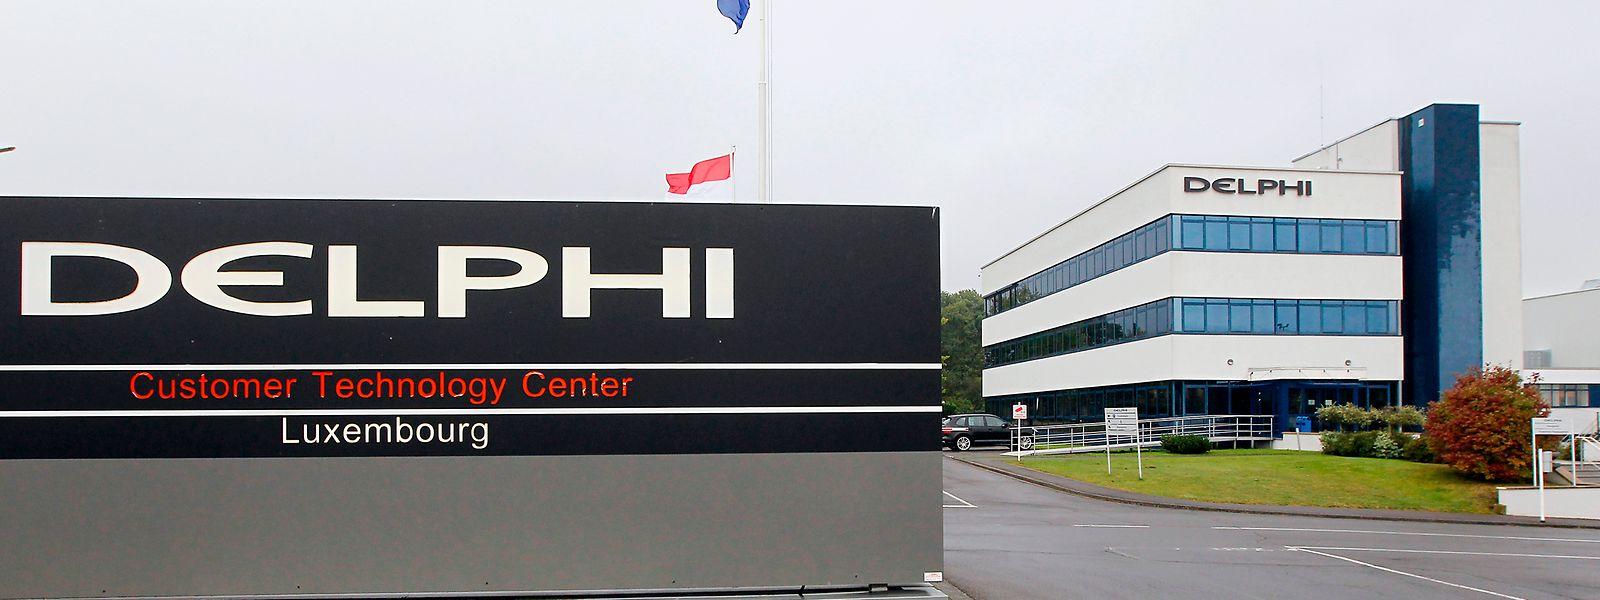 Der Name Delphi ist seit fast fünf Jahrzehnten in Niederkerschen präsent.